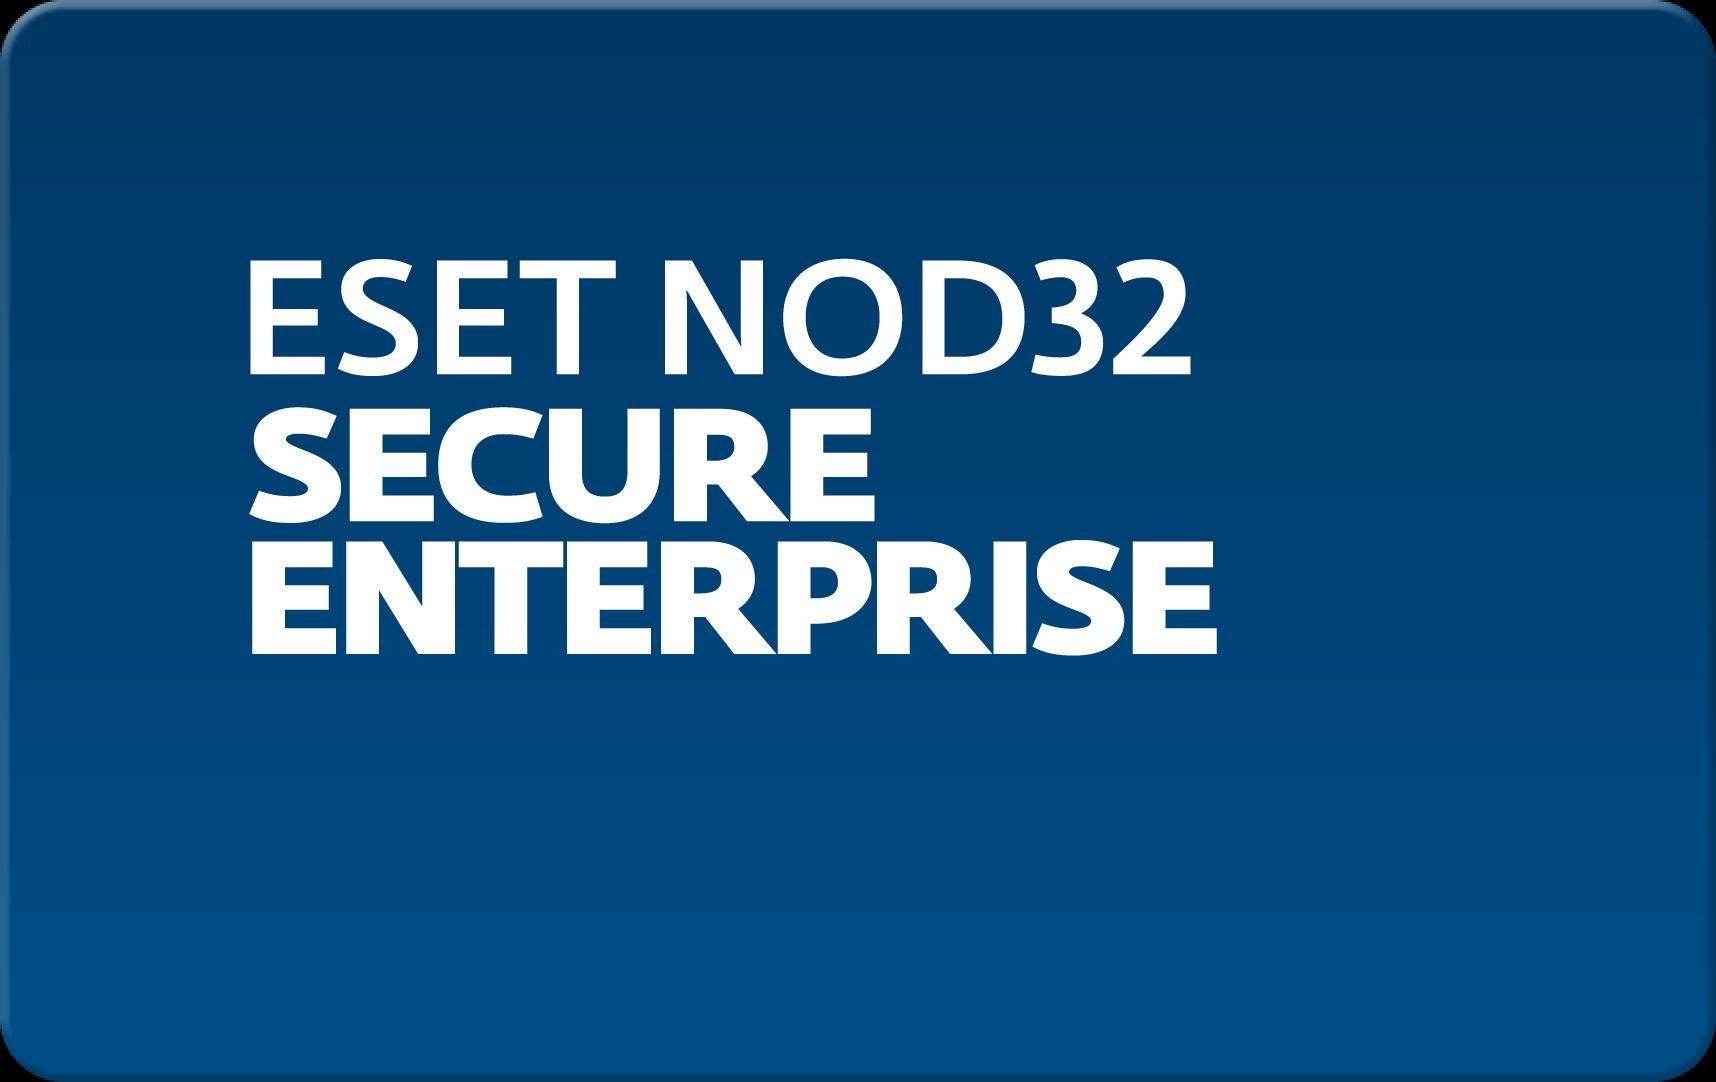 Кроссплатформенная антивирусная защита всех узлов корпоративной сети ESET Eset NOD32 Secure Enterprise  для 31 пользователей